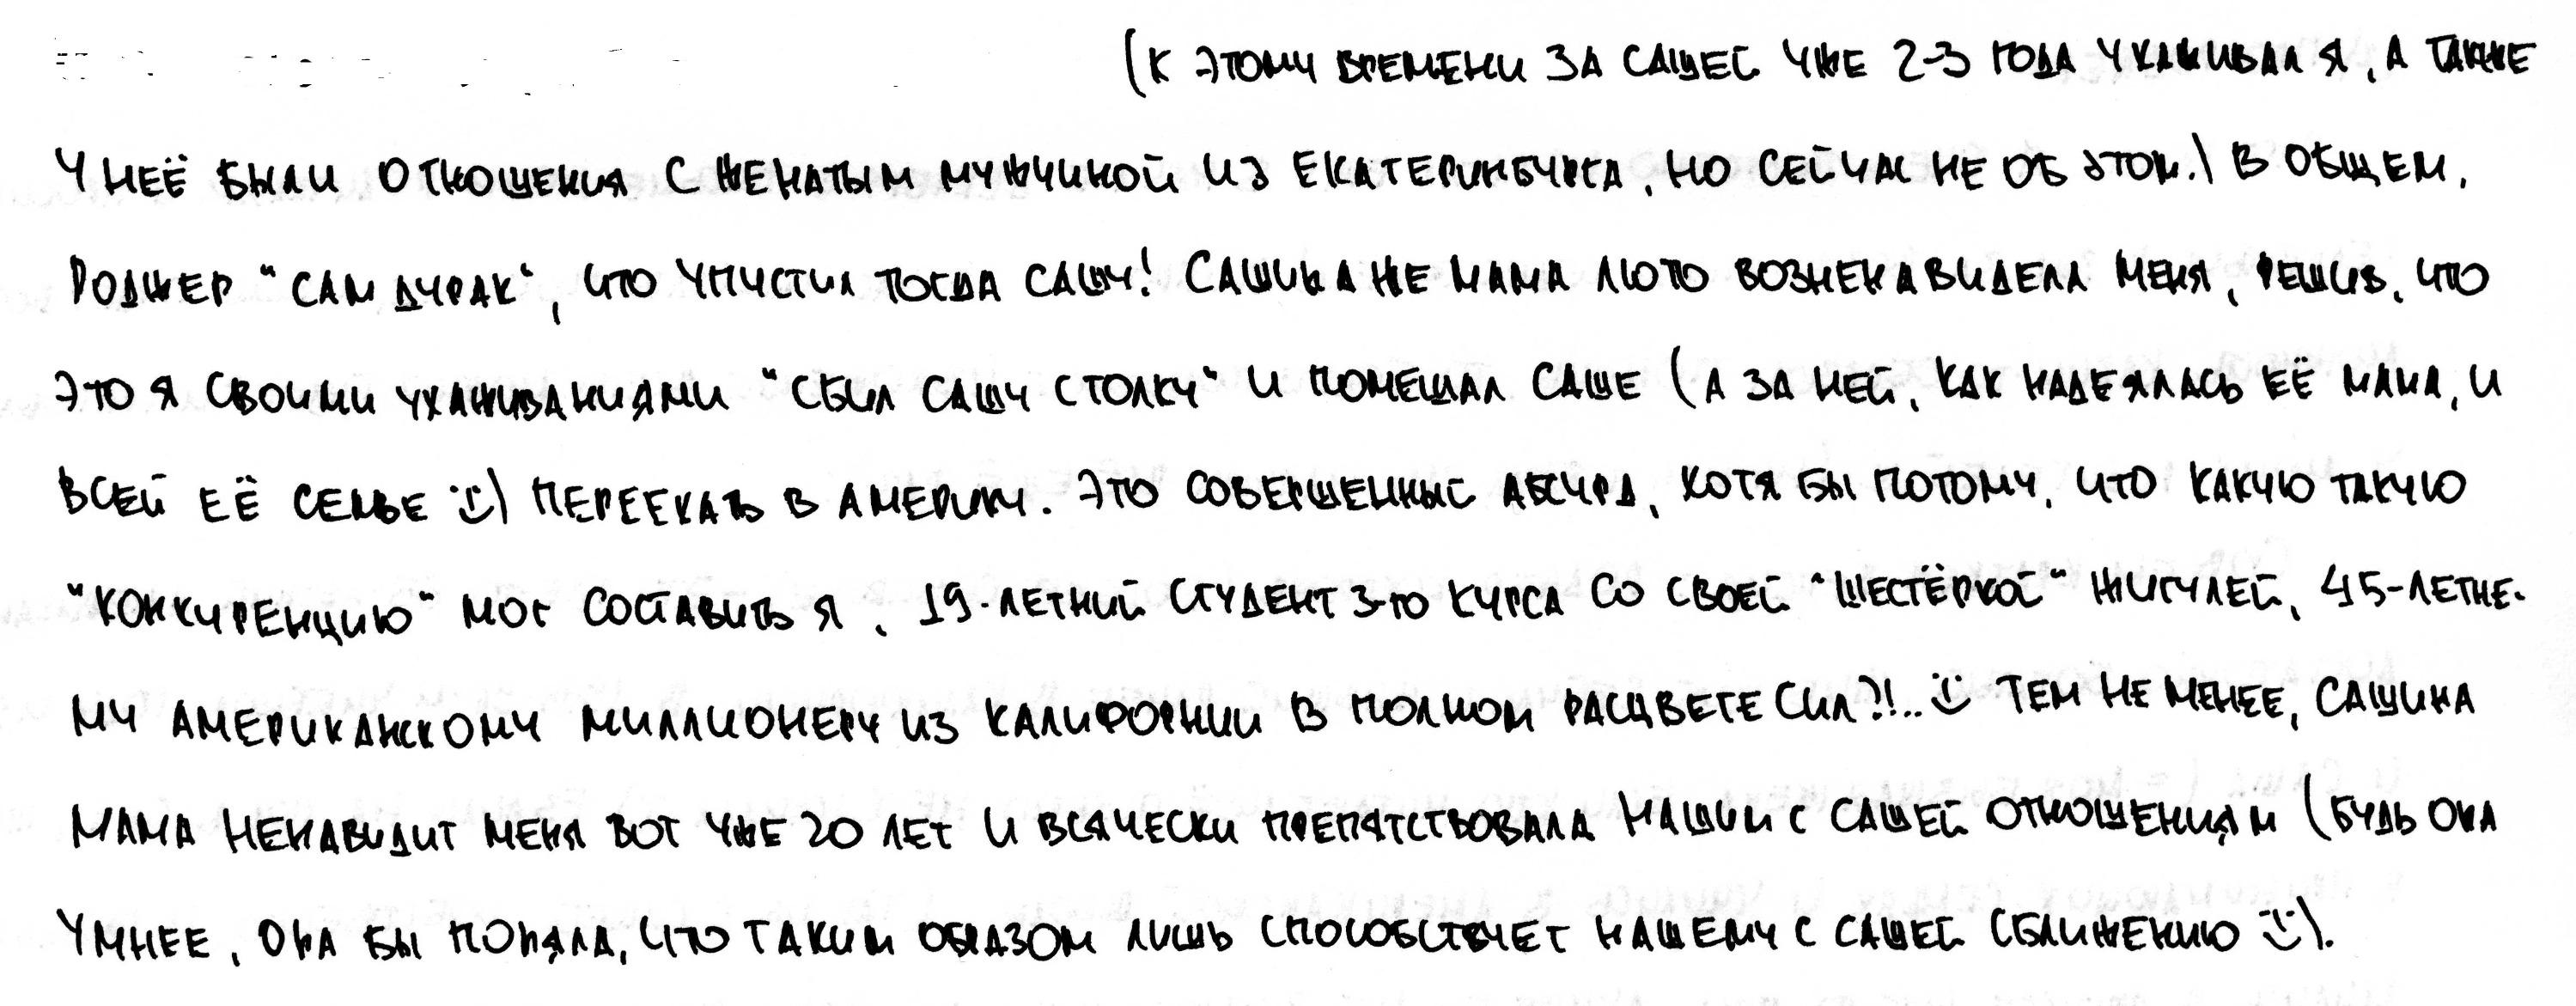 Еще одна цитата из письма обвиняемого